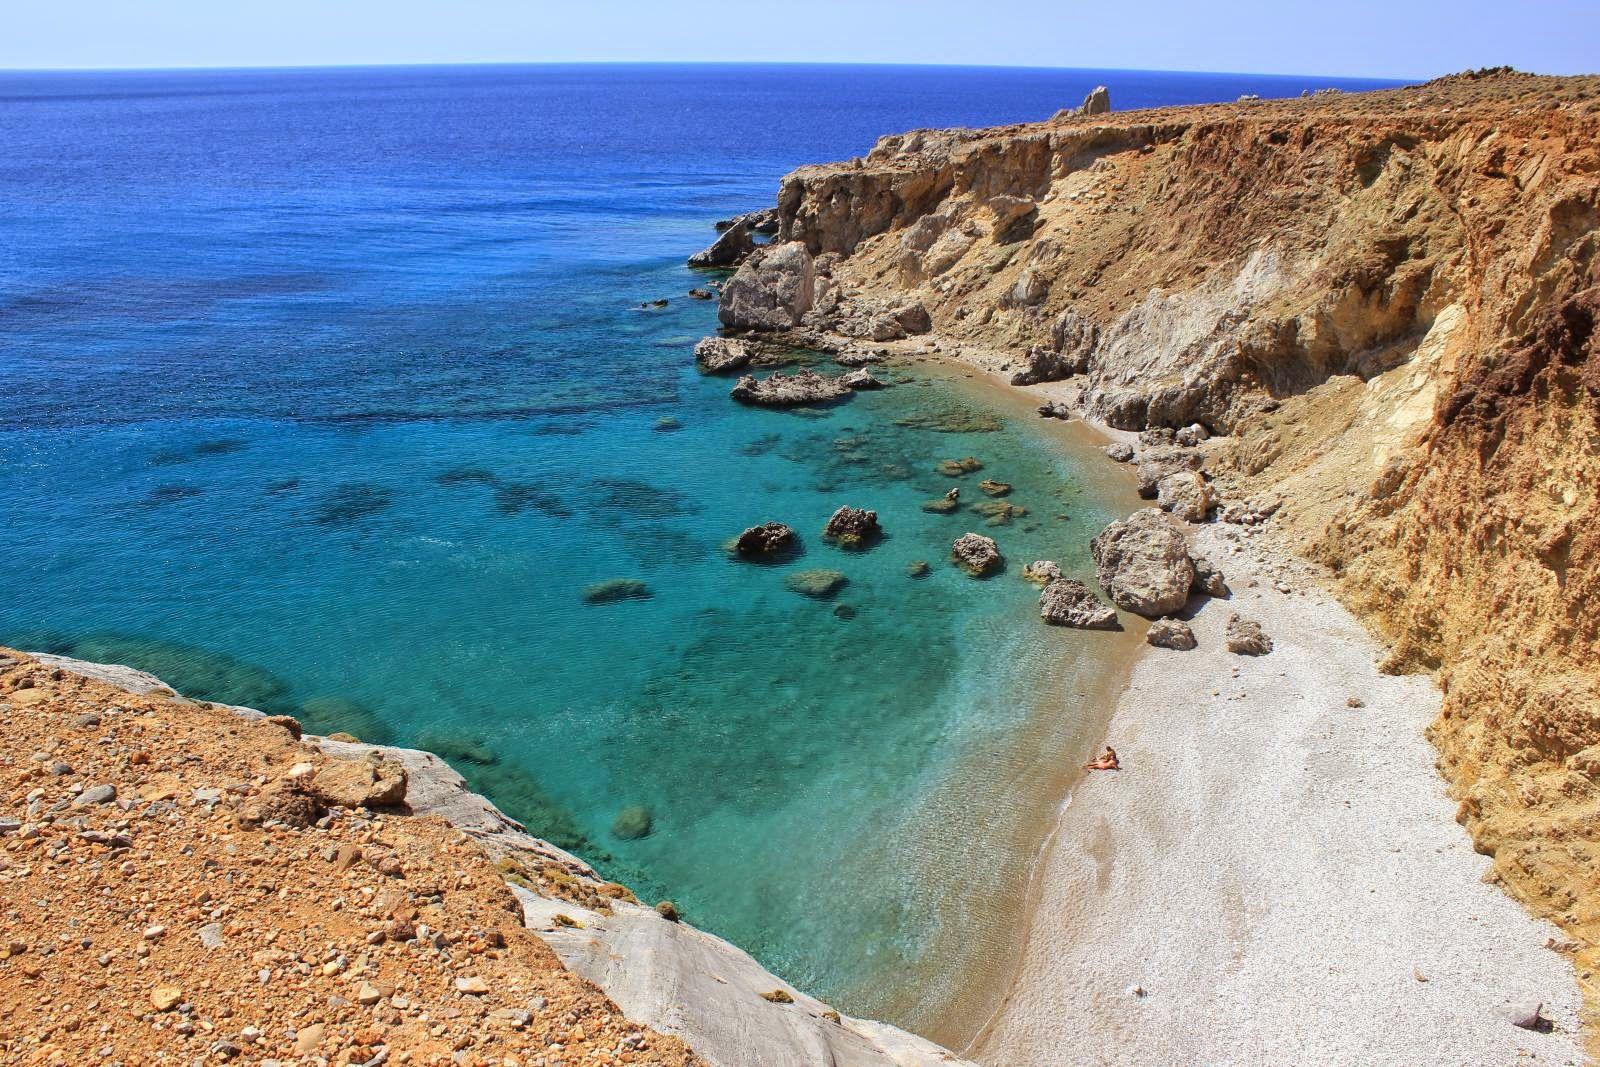 Άγιος Νικήτας, Παραλία στο Ηράκλειο Κρήτης